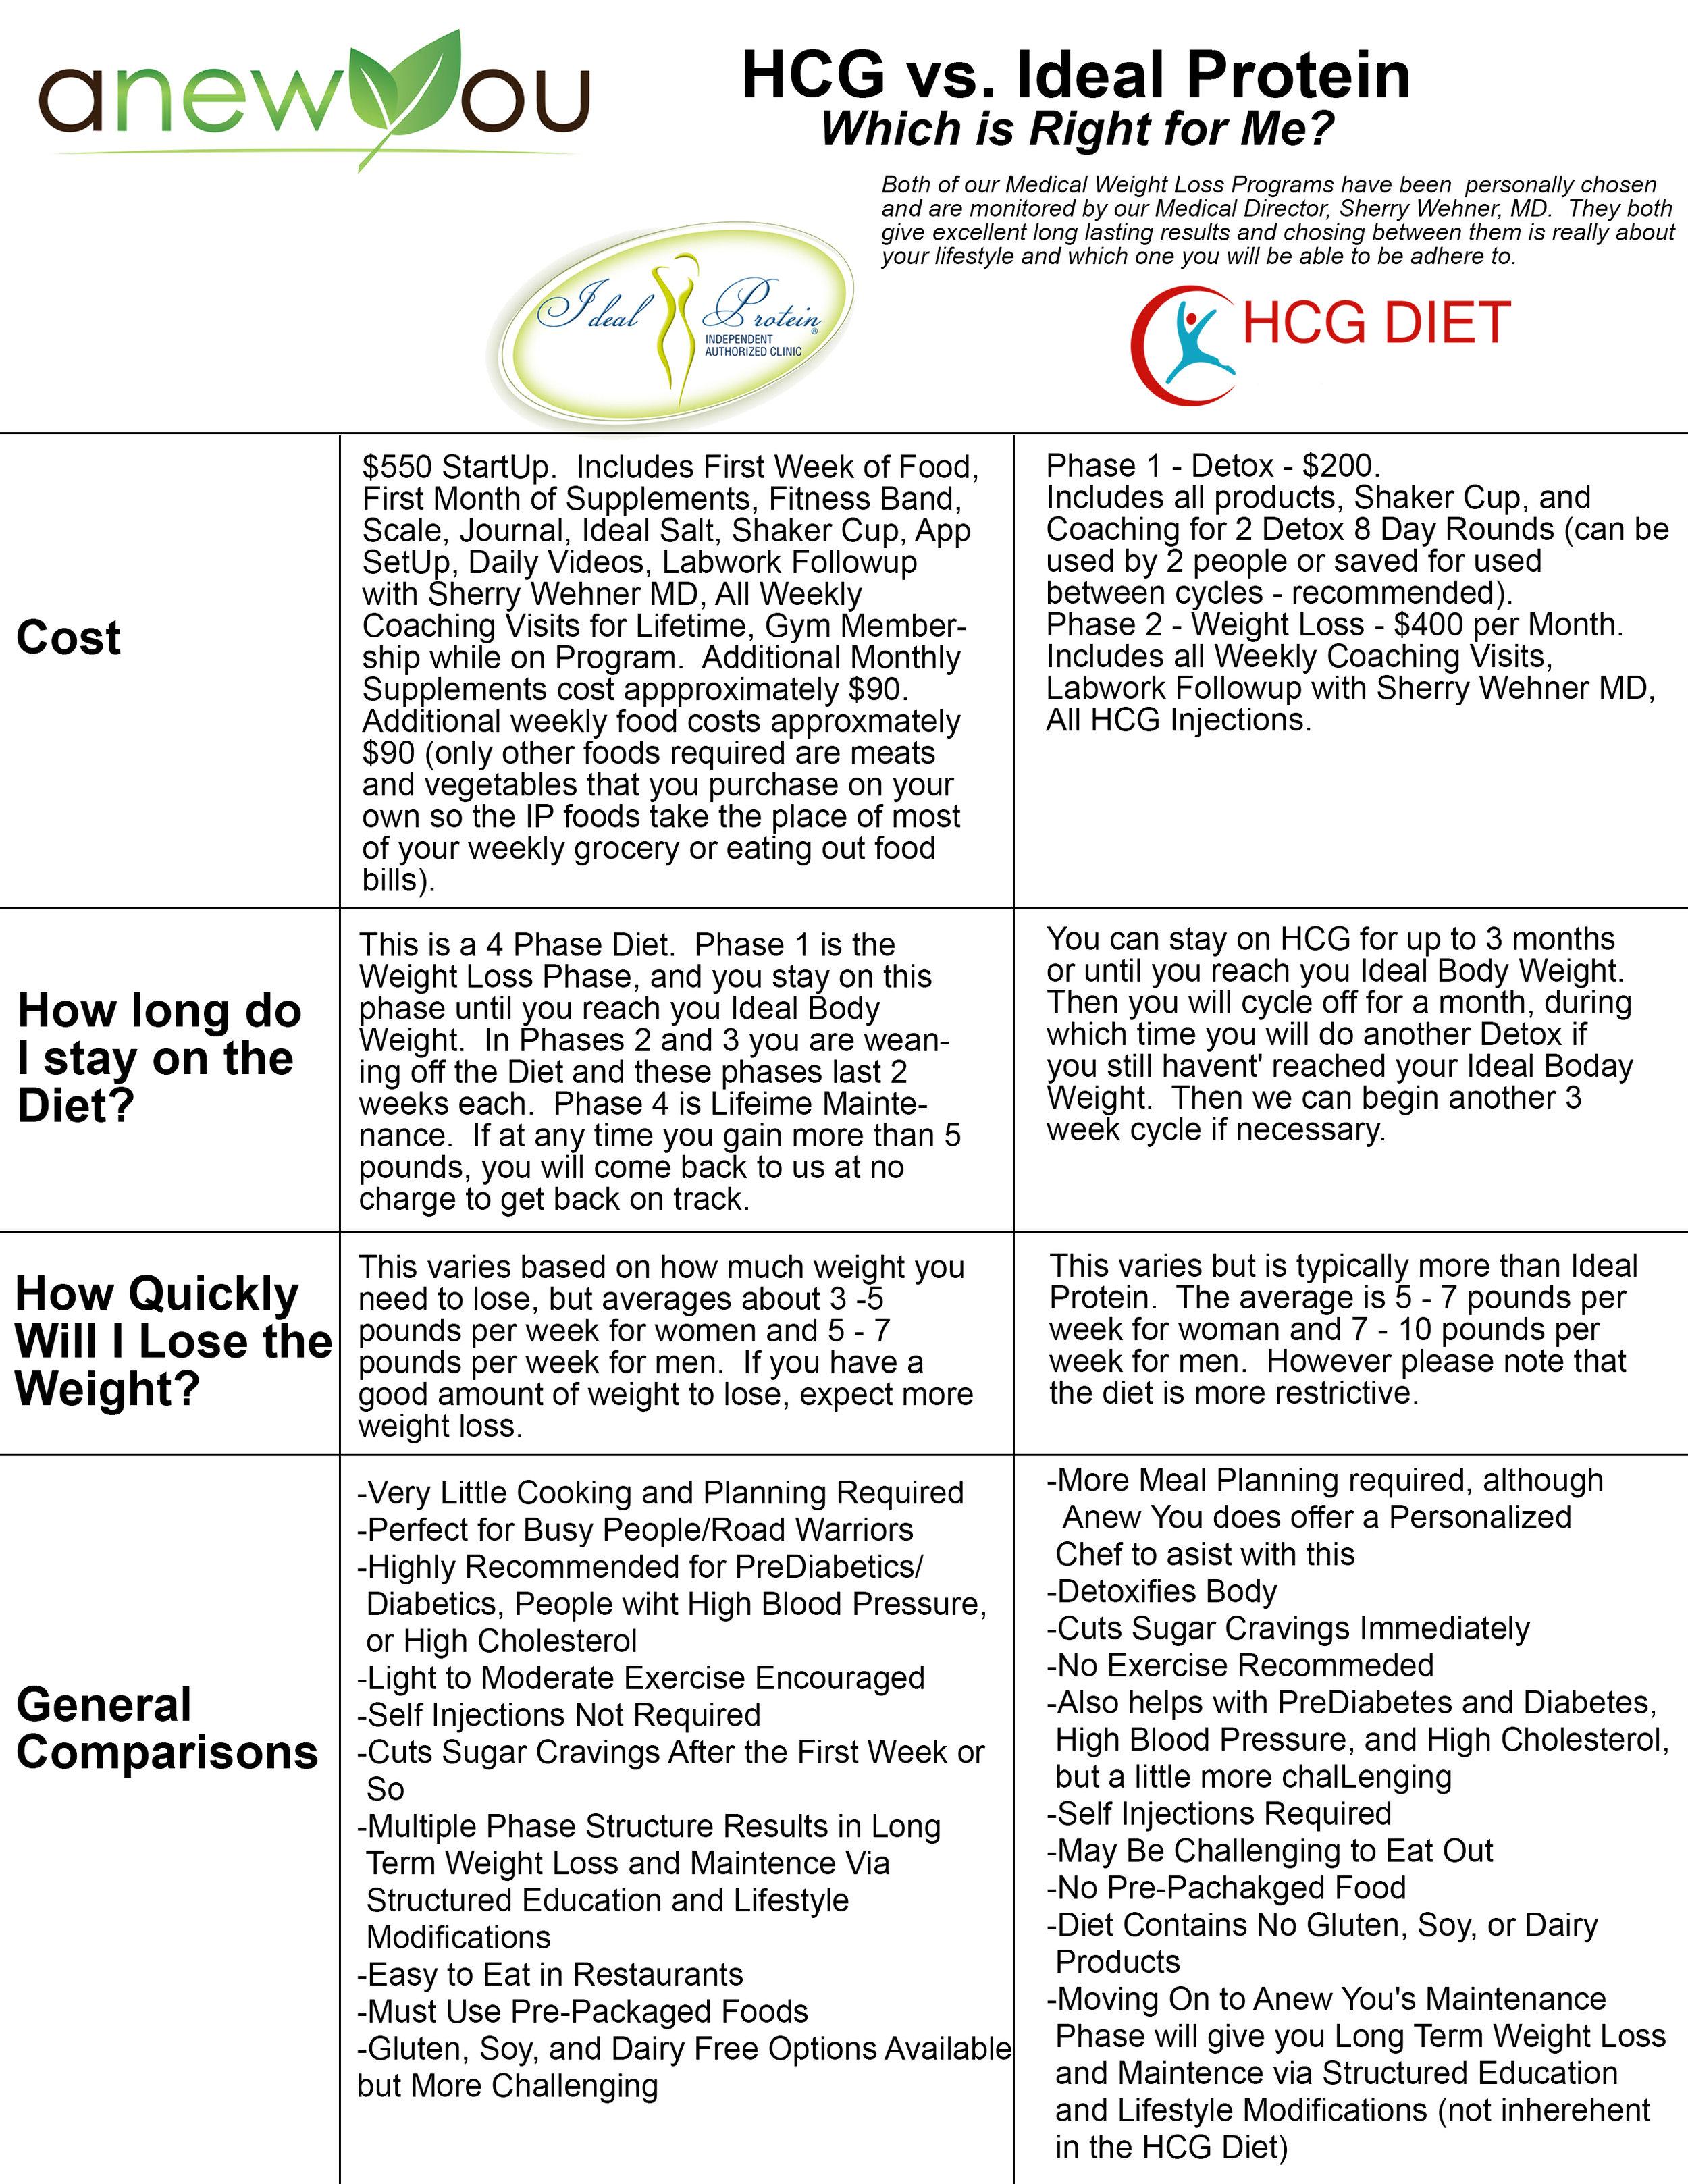 hcg vs Ideal Protein.JPG